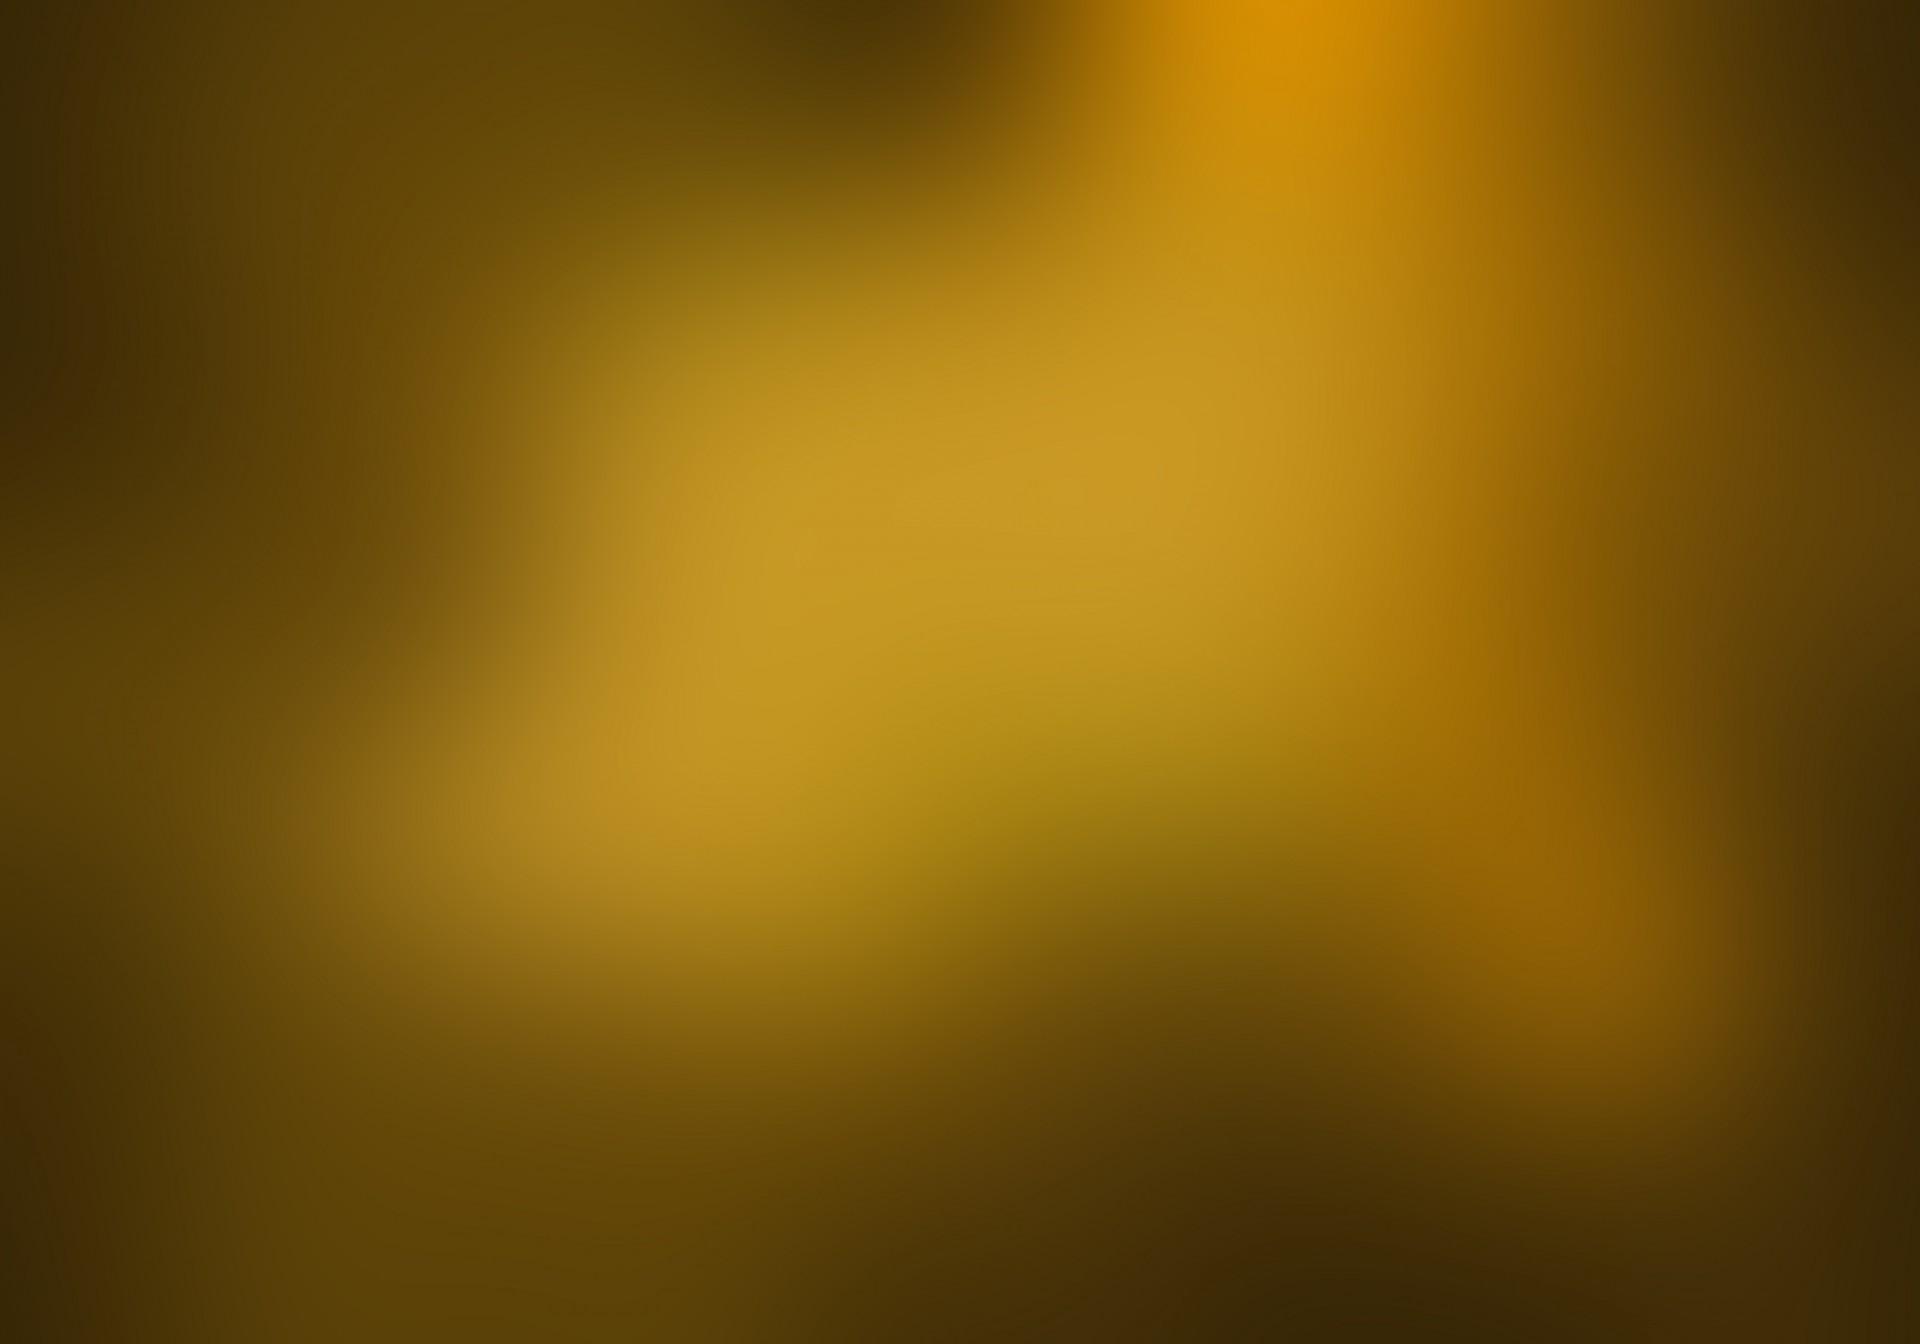 Gold background blur photo